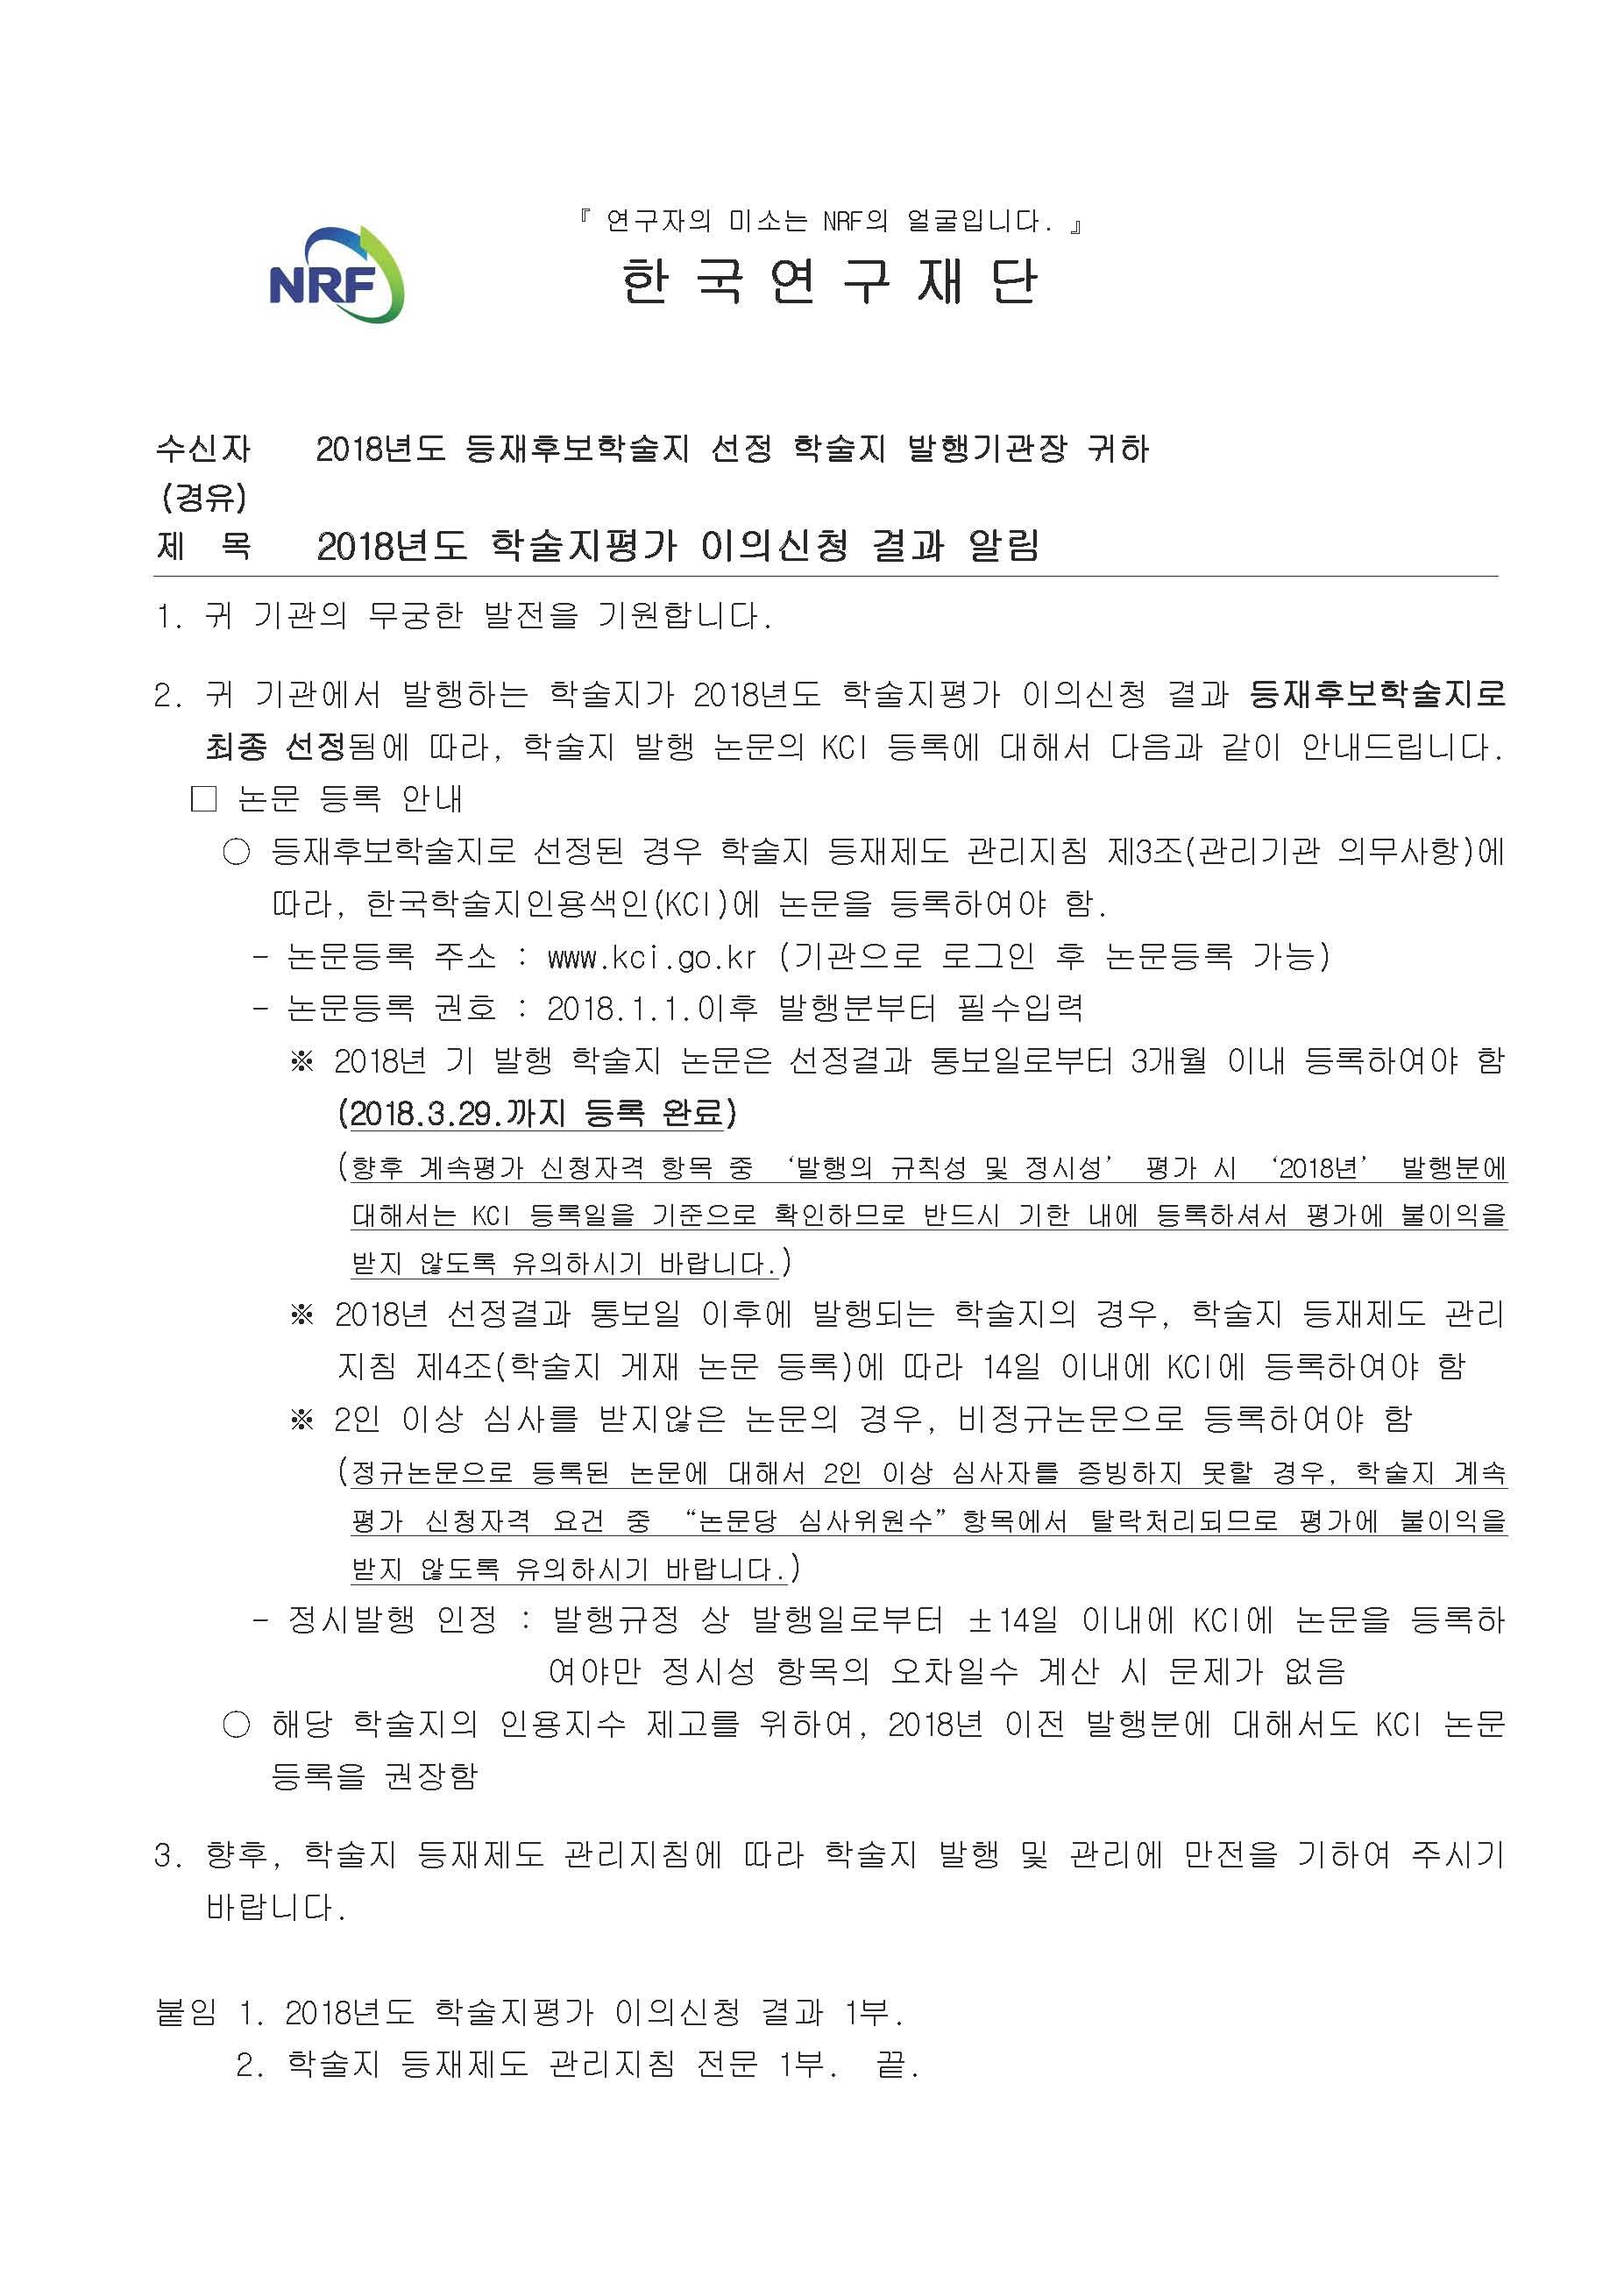 (공문)2018년도 학술지평가 이의신청 결과 알림_Page_1.jpg